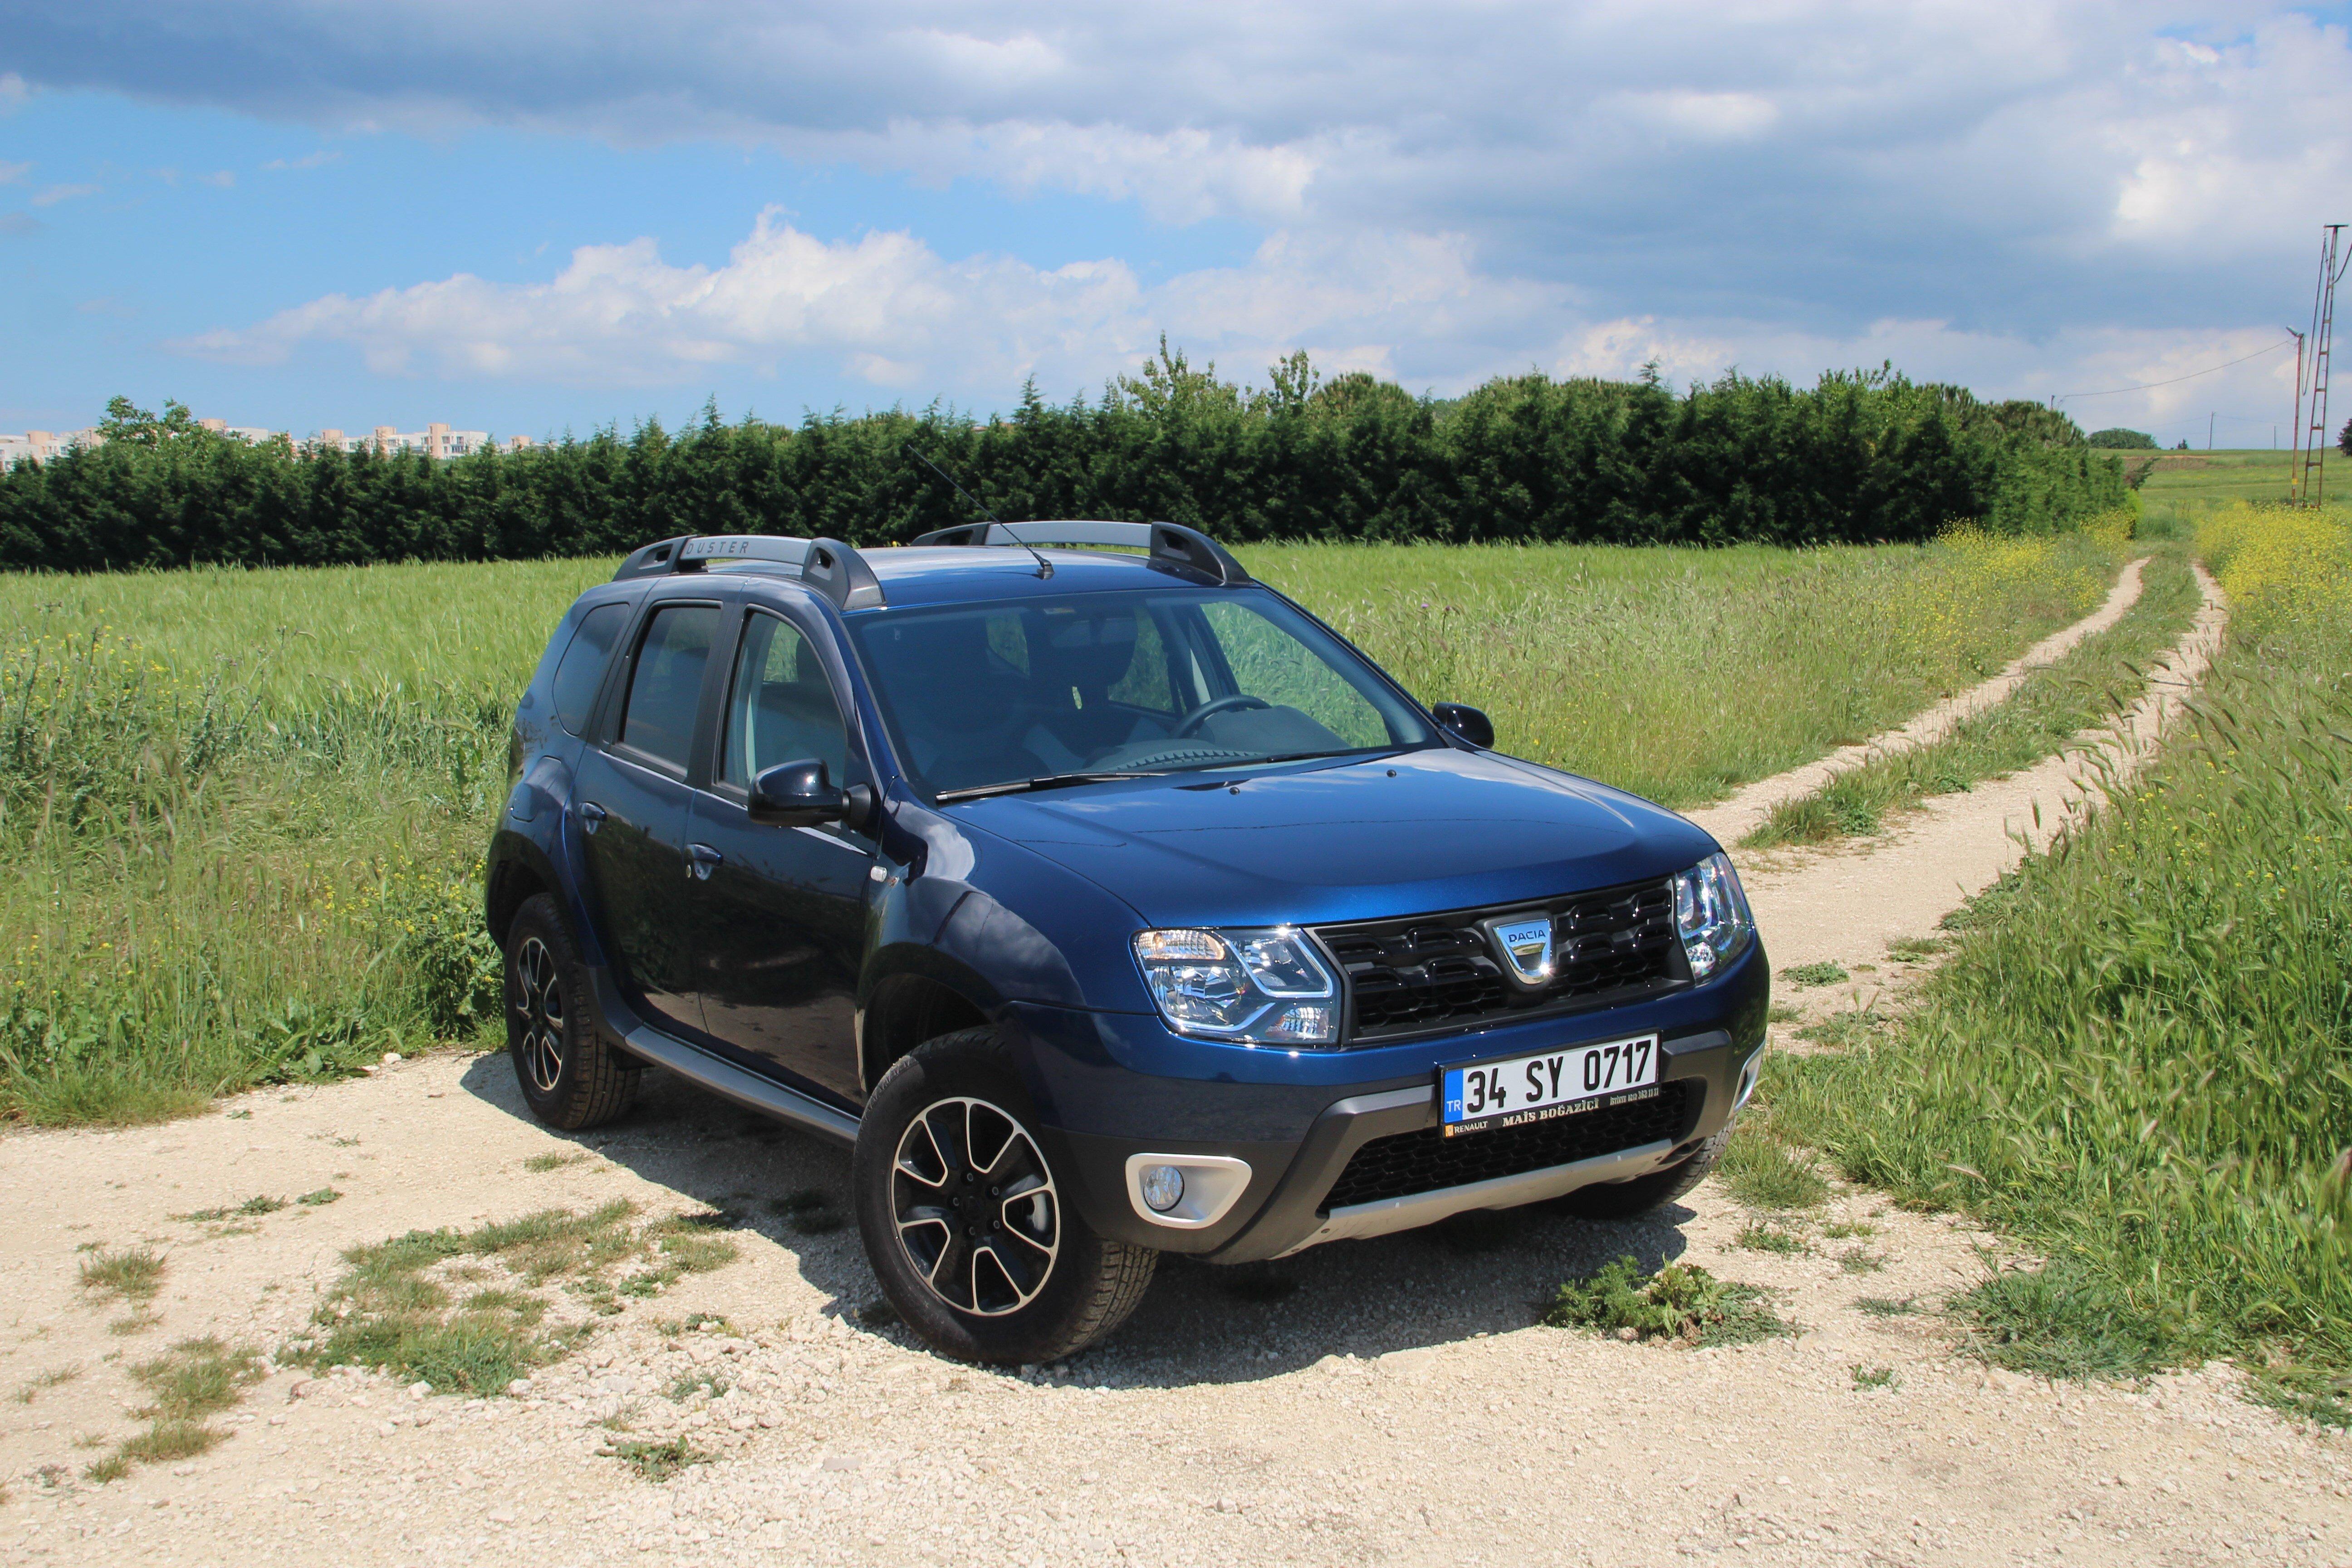 Dacia Konusunda Önyaryıları Biraz Yıkmanın Zamanı Gelmedi mi?